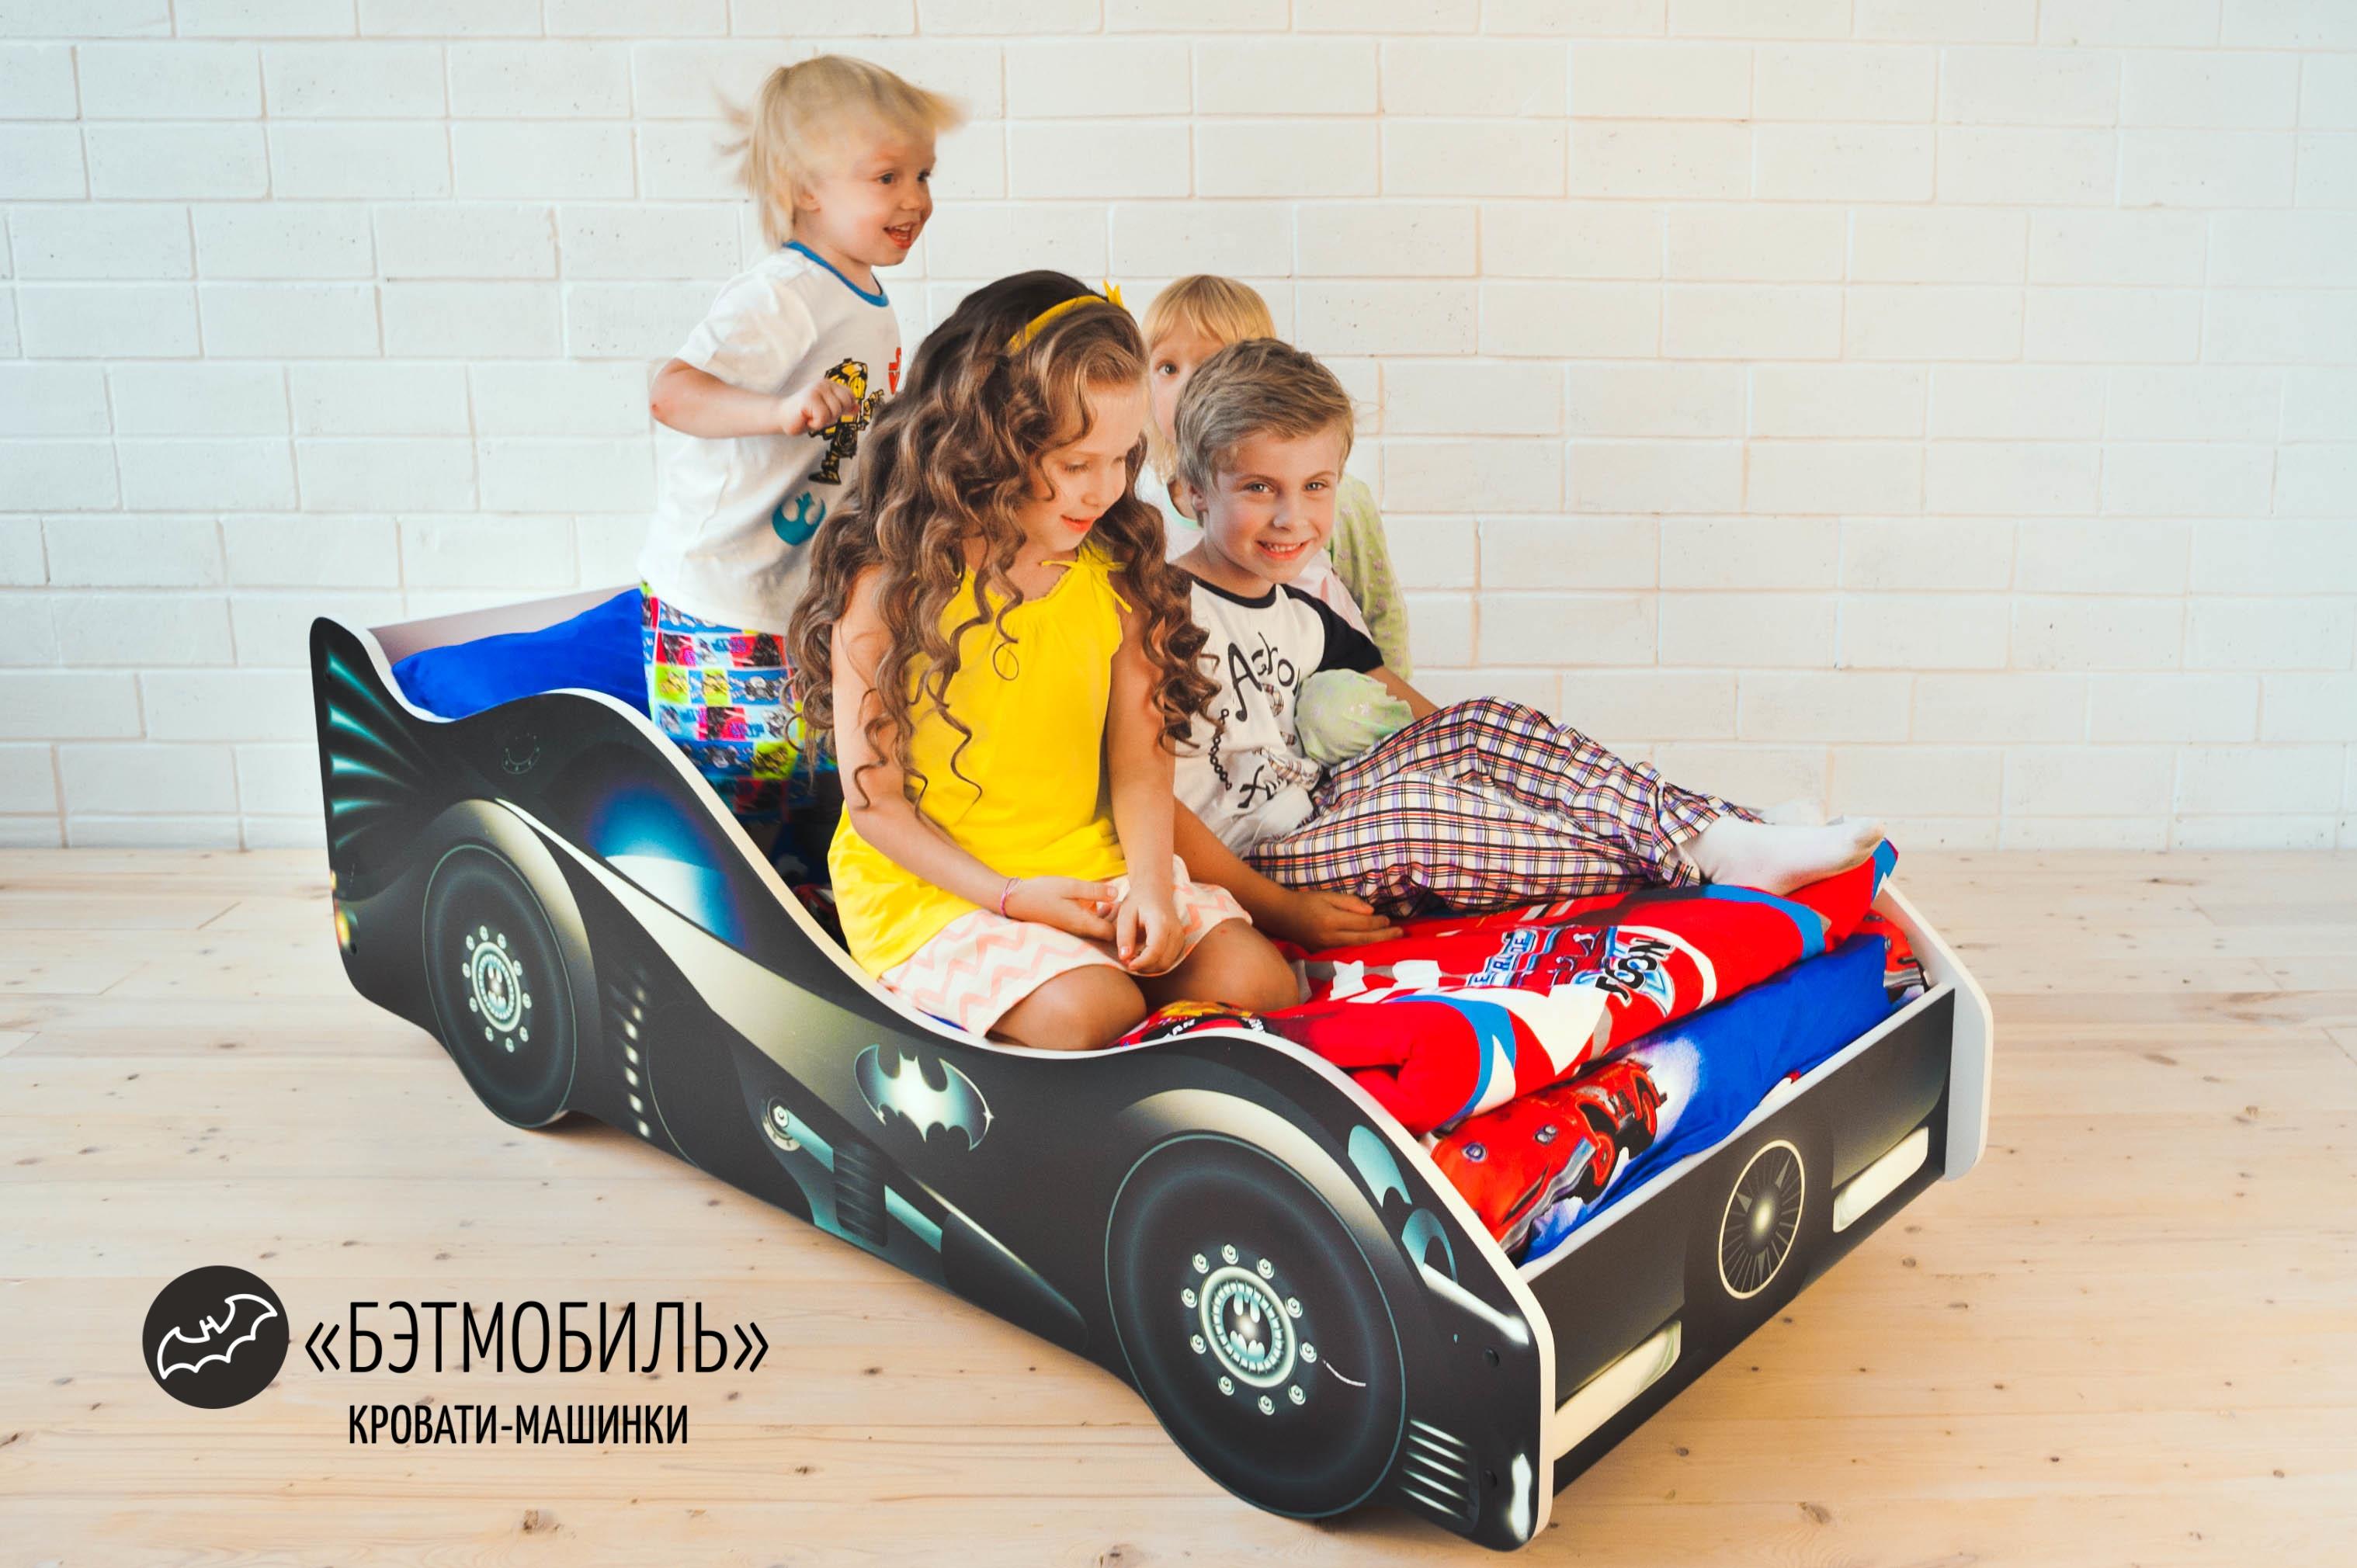 Детская кровать-машина -Бэтмобиль-2